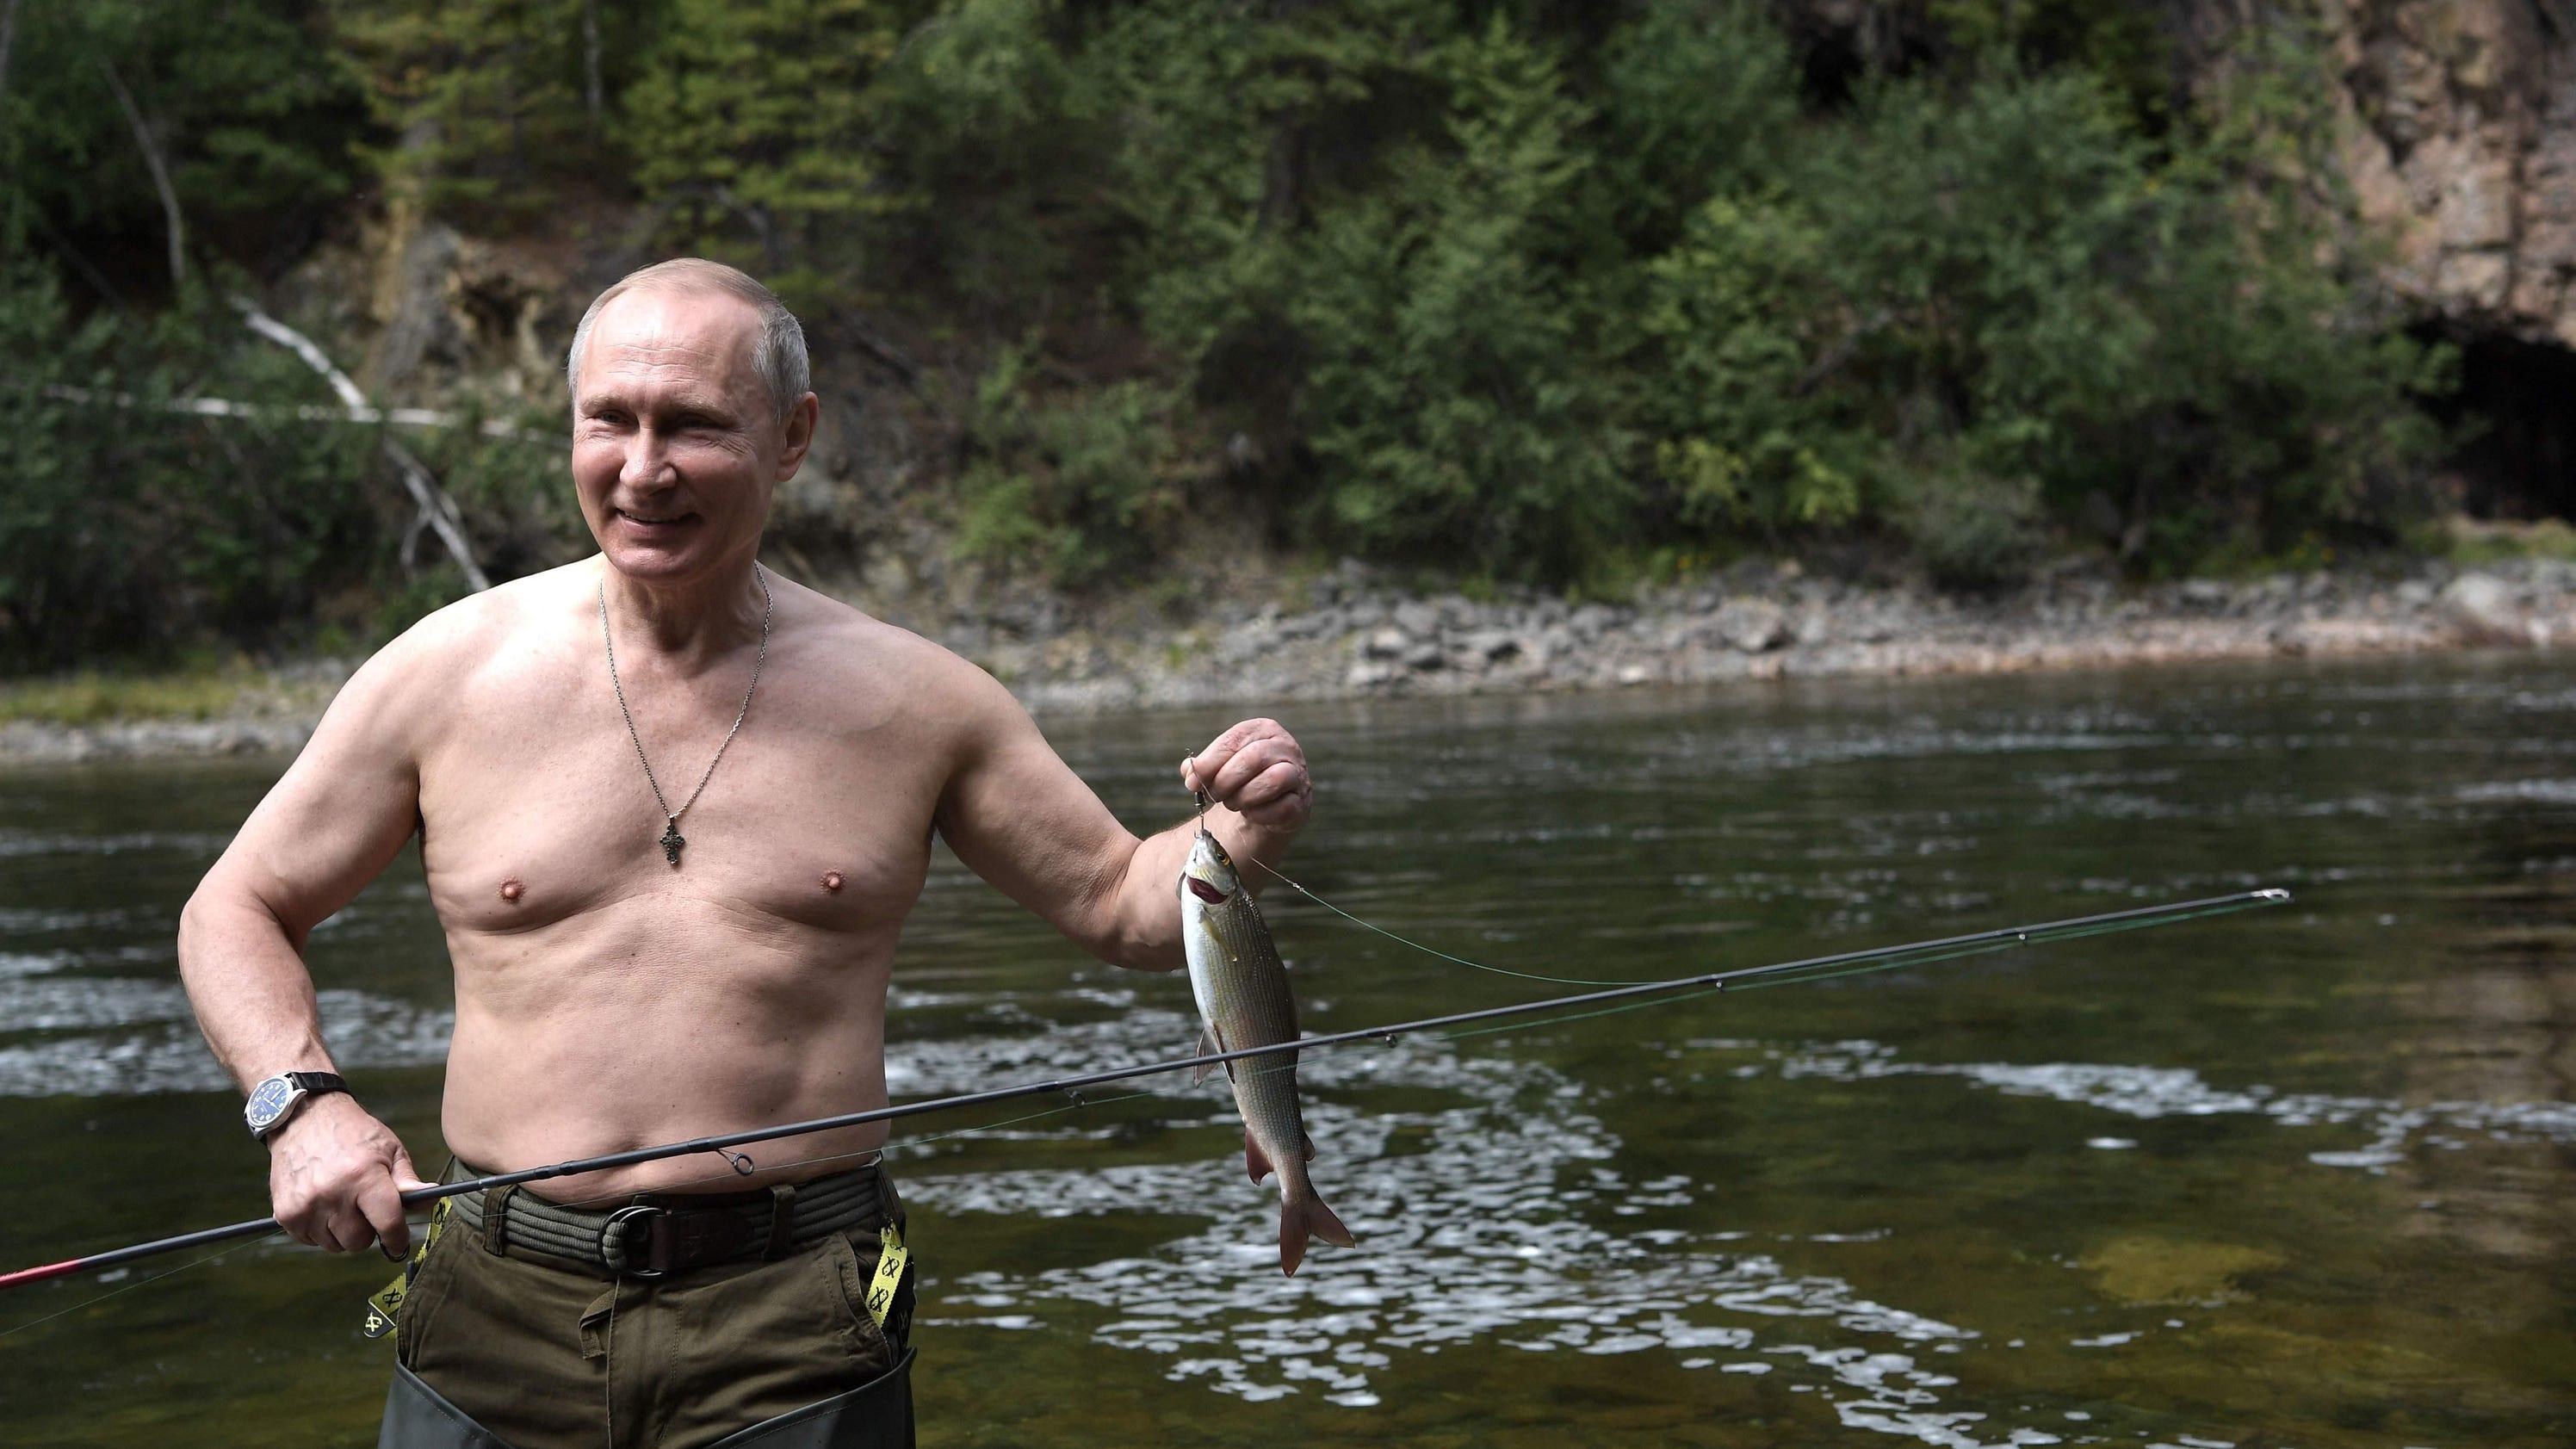 0f42530945e usatoday.com Putin shows off spoils from Siberia fishing trip